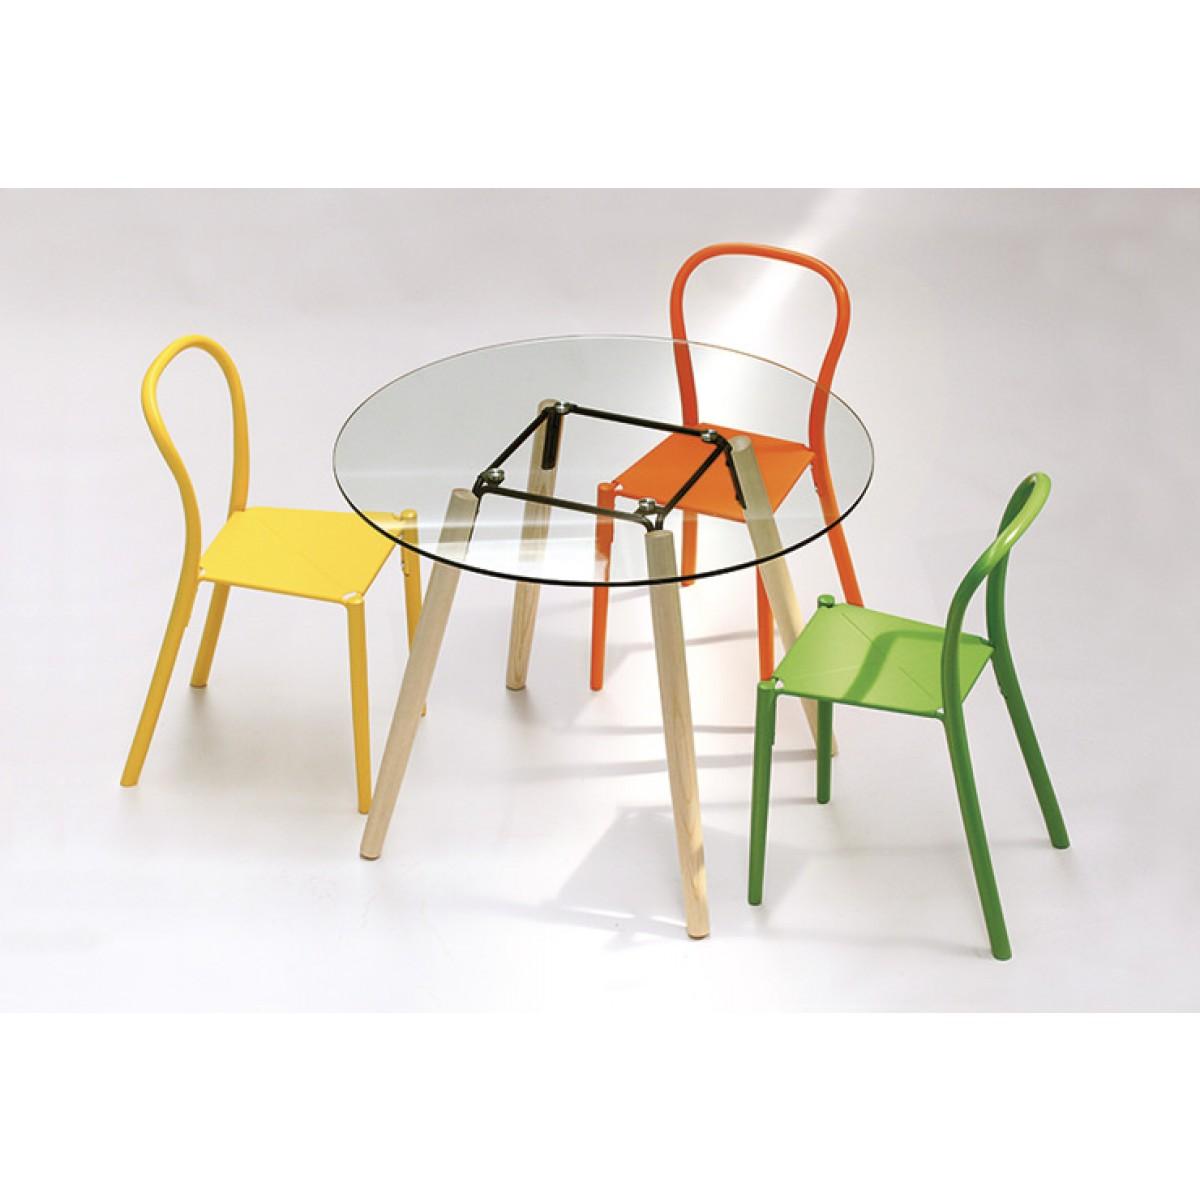 Esstisch glas rund  Tisch rund Glas-Tischplatte, Esstisch rund Glas, Tisch Tischplatte ...